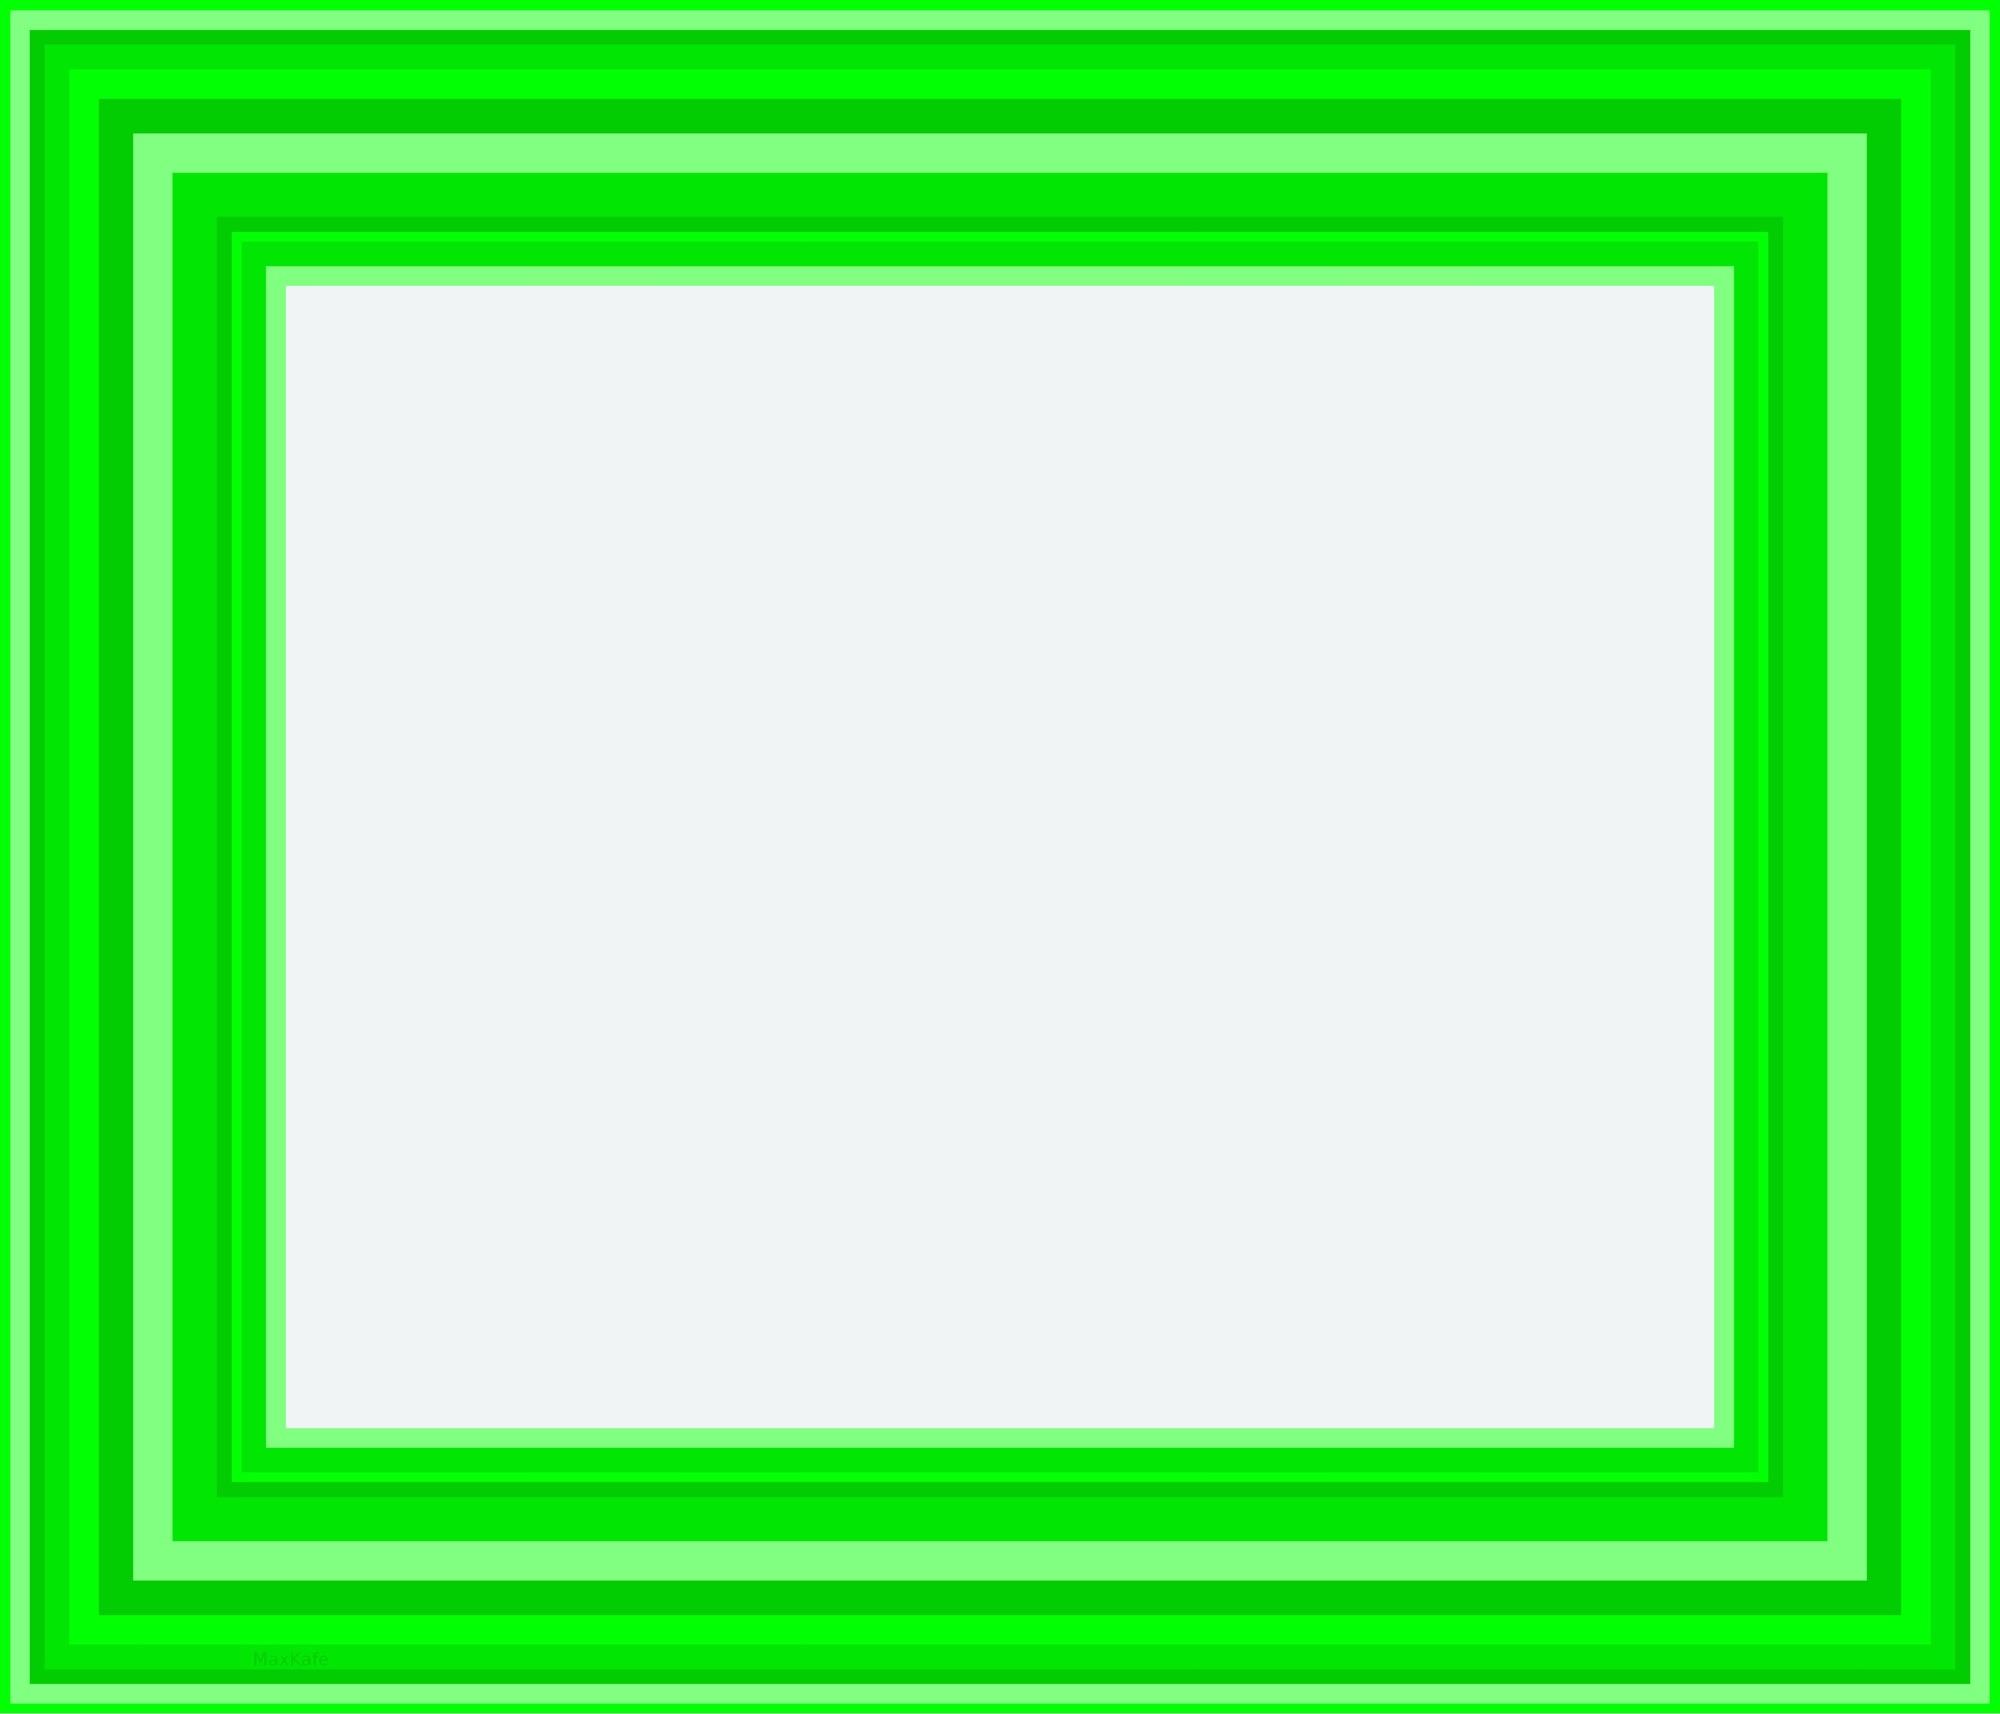 """MK16LFS103 Frame 6x7 Green <a href=""""https://dl.orangedox.com/YG1XXa"""">[DOWNLOAD]</a>"""